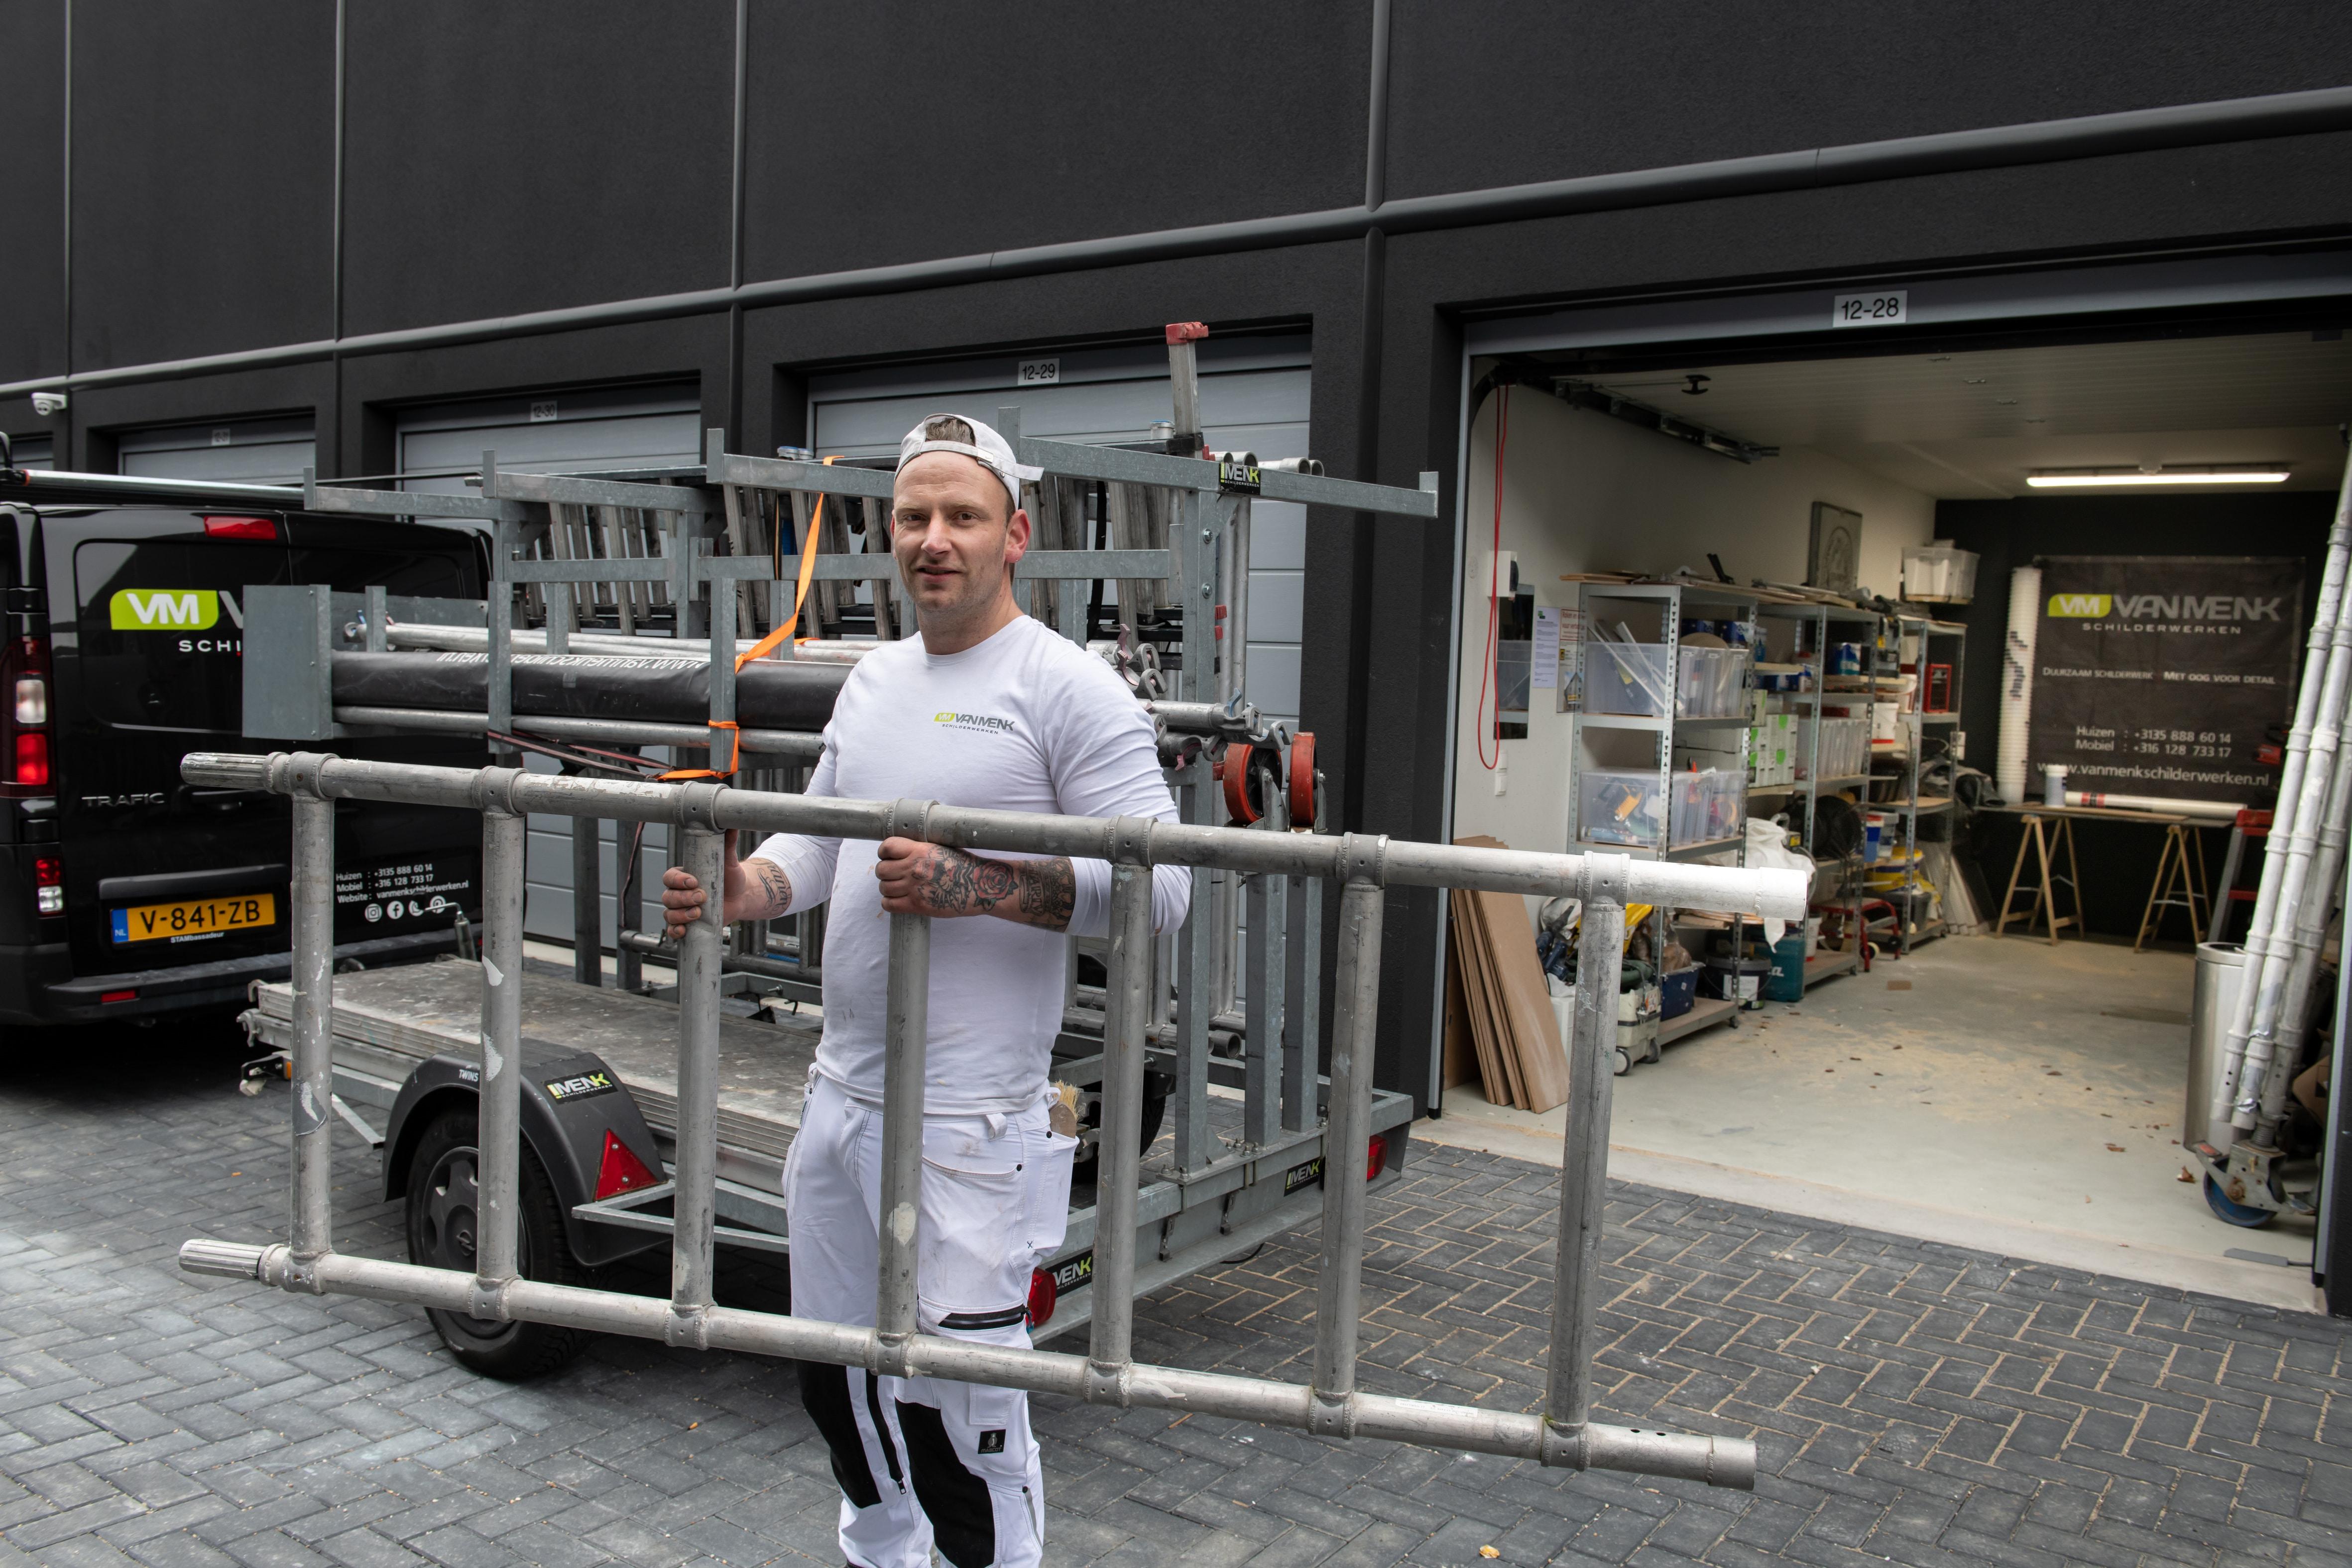 Schilderbedrijf - Frank van Menk